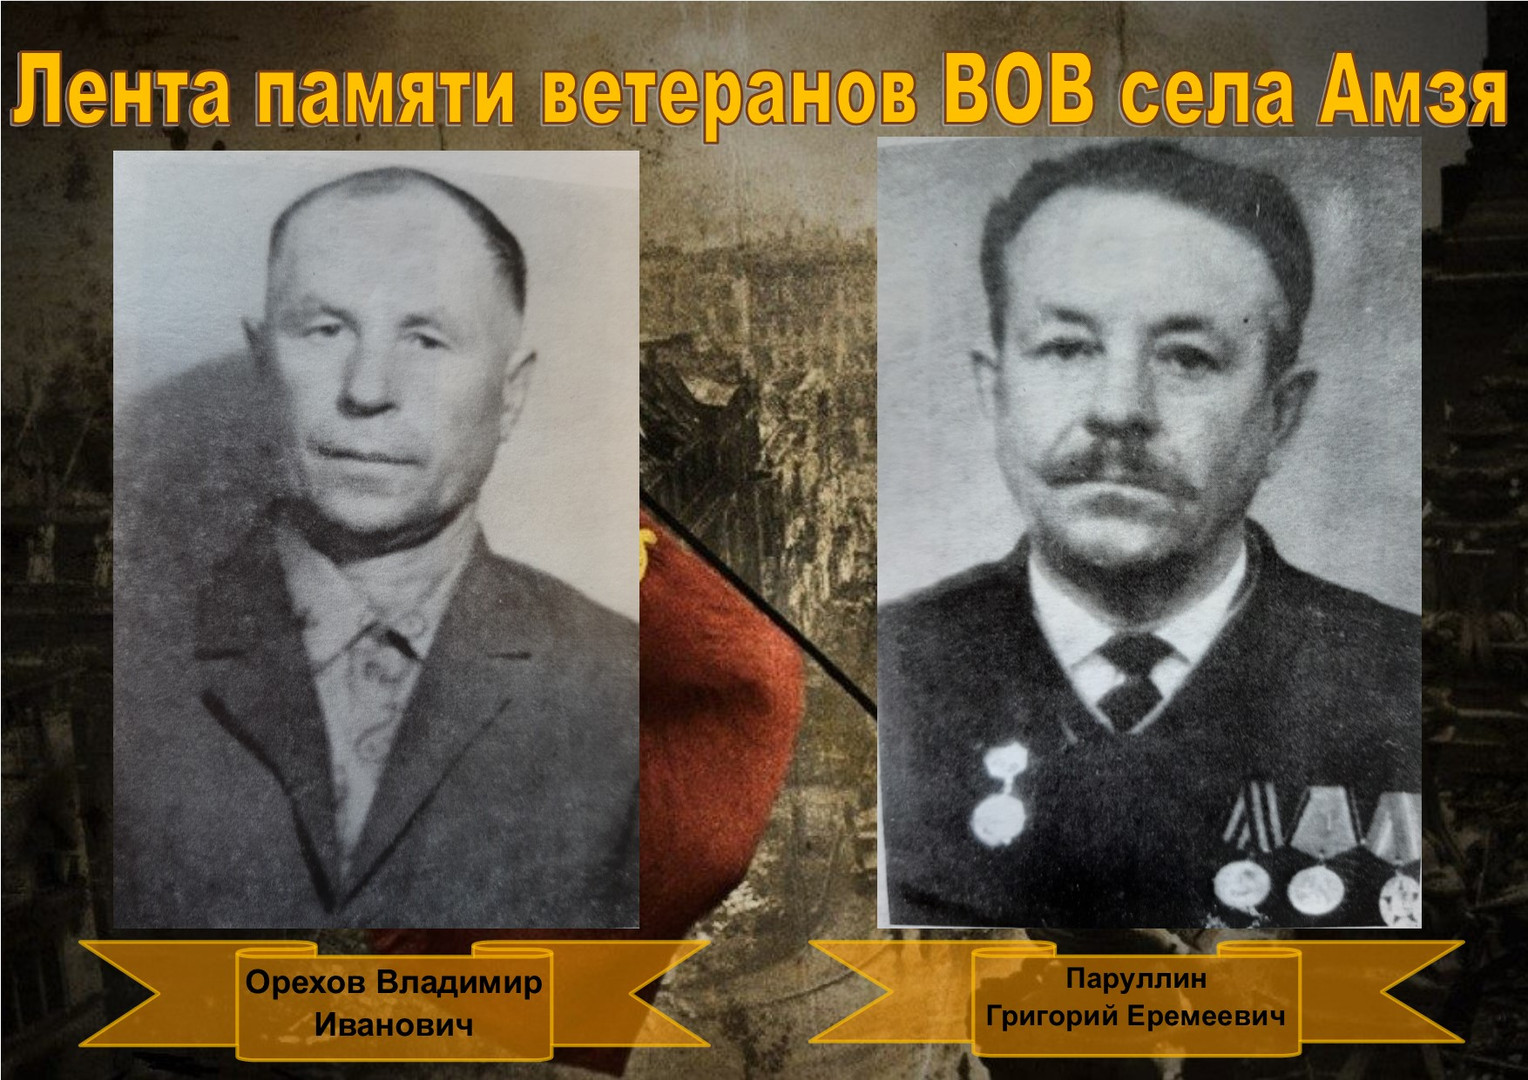 Орехов-Паруллин.jpg